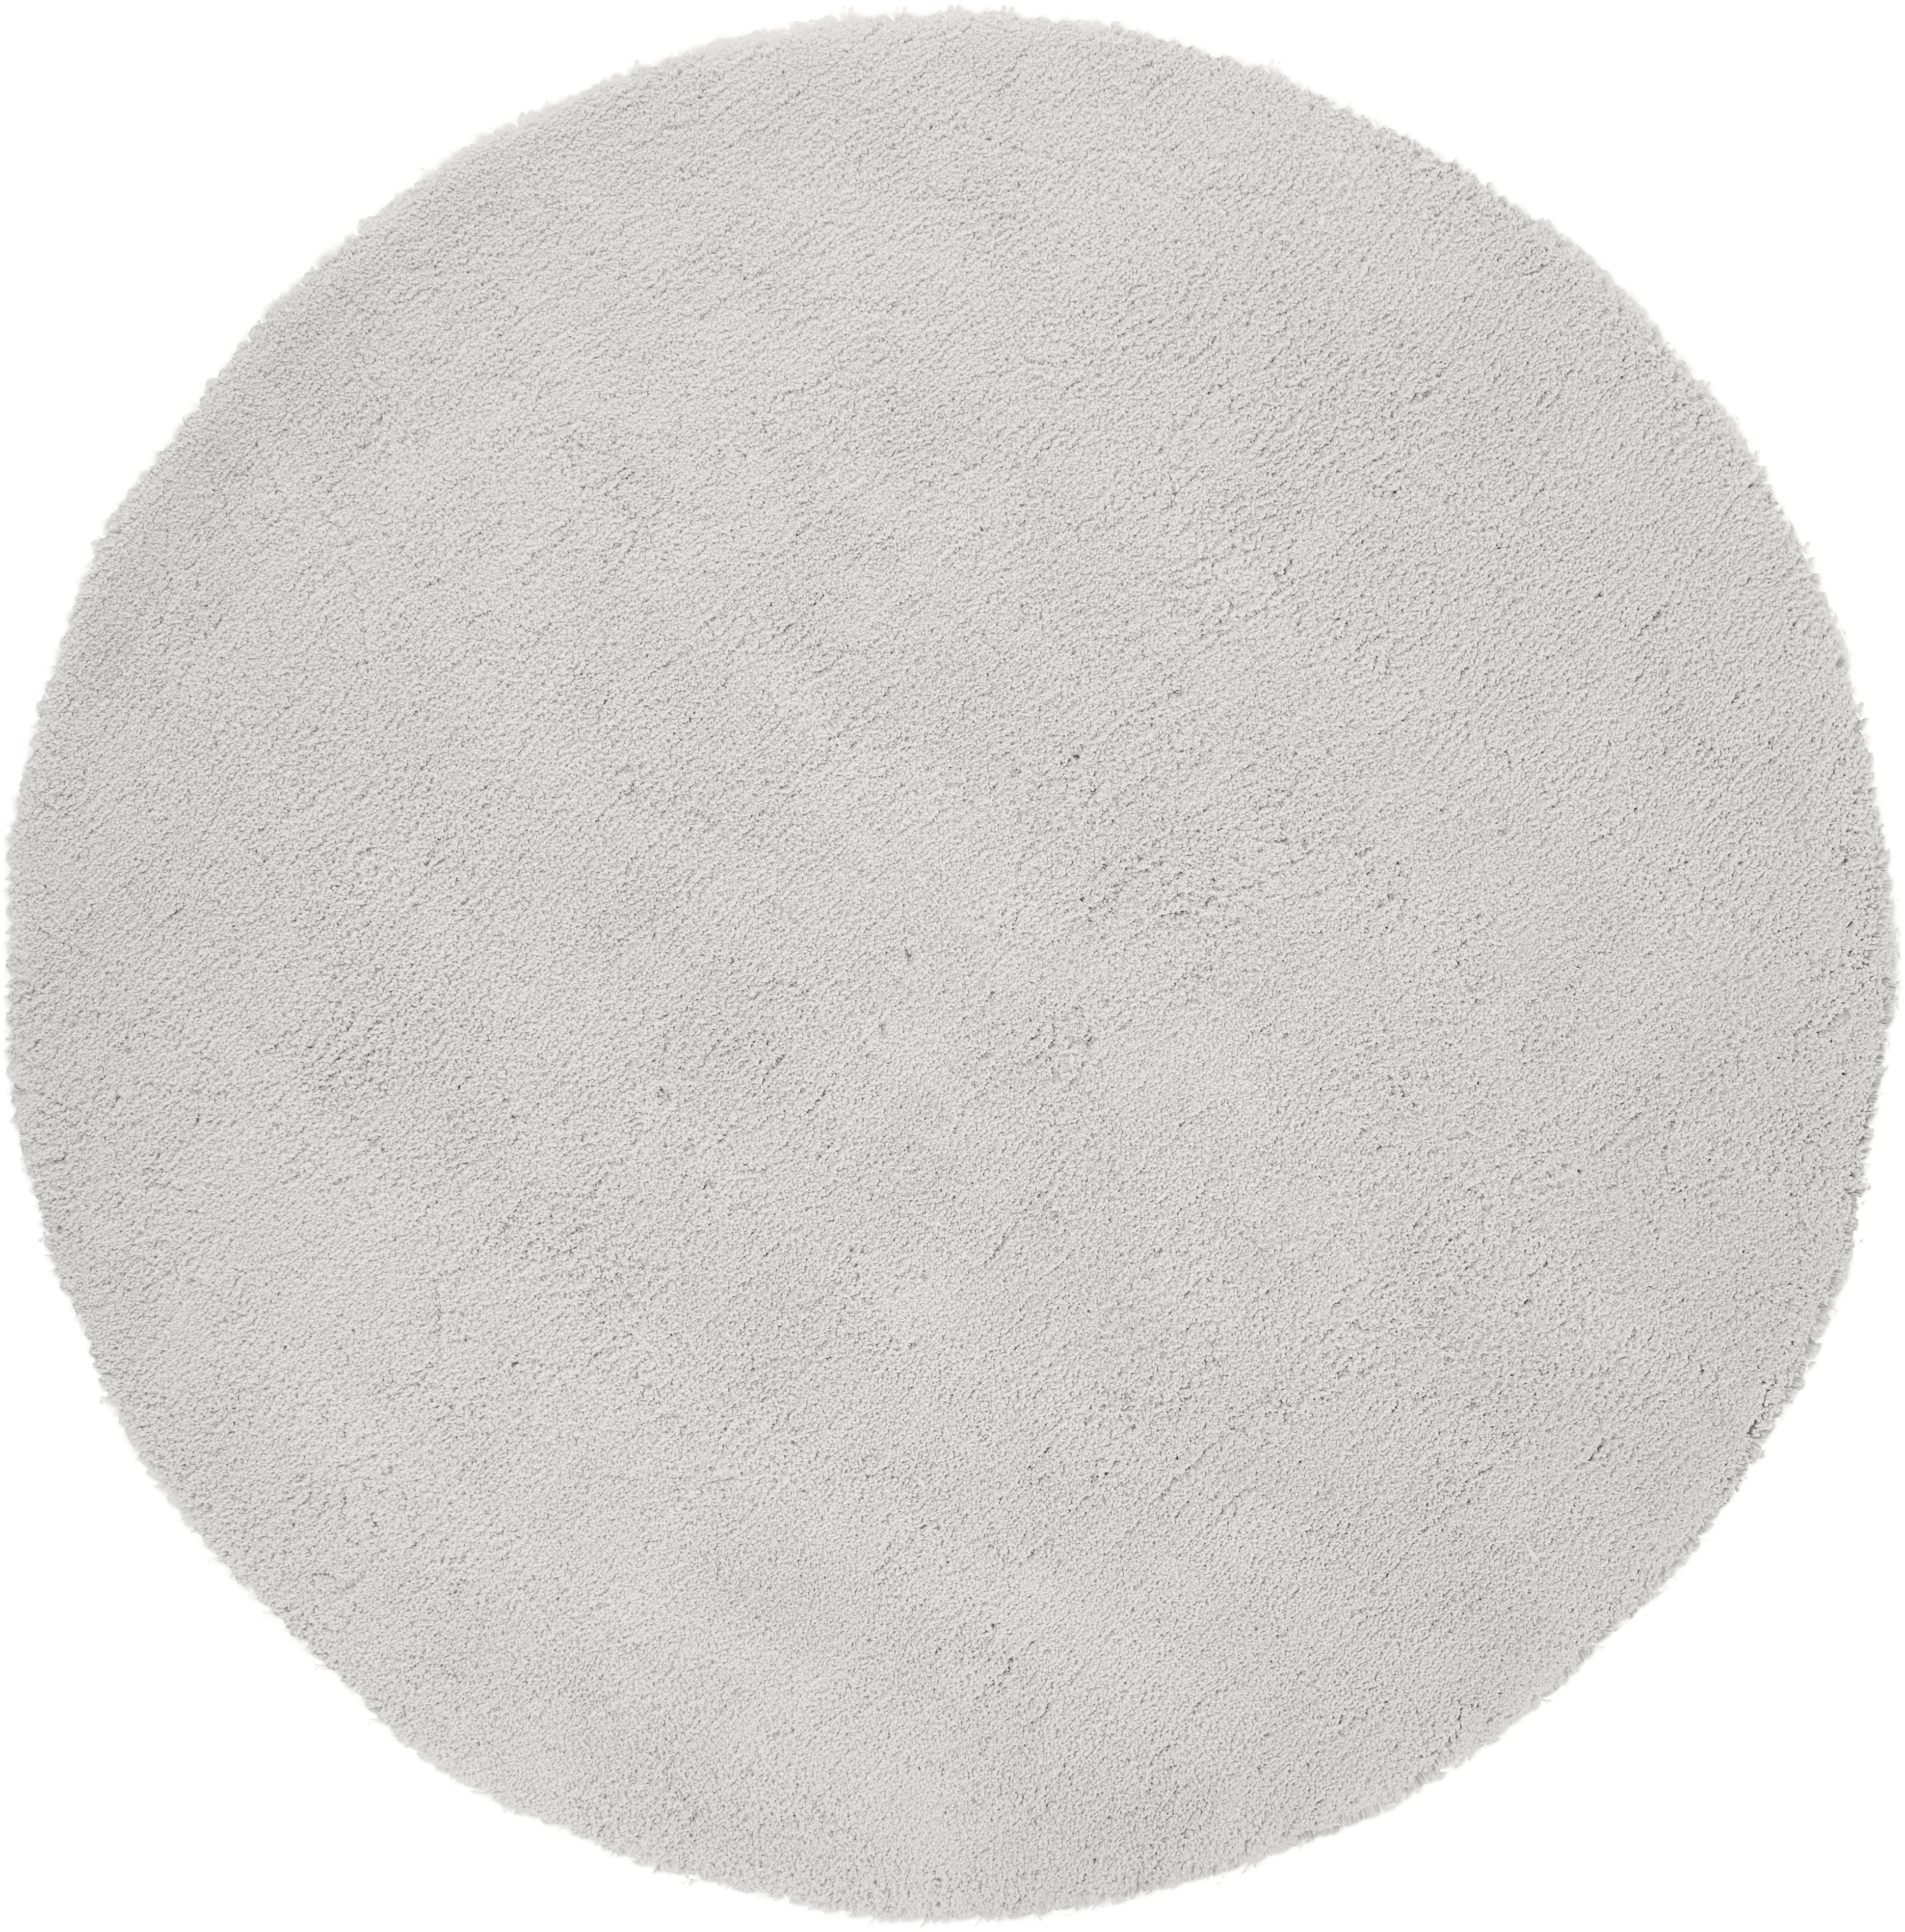 Pluizig rond hoogpolig vloerkleed Leighton in lichtgrijs, Bovenzijde: 100% polyester (microveze, Onderzijde: 70% polyester, 30% katoen, Lichtgrijs, Ø 200 cm (maat L)